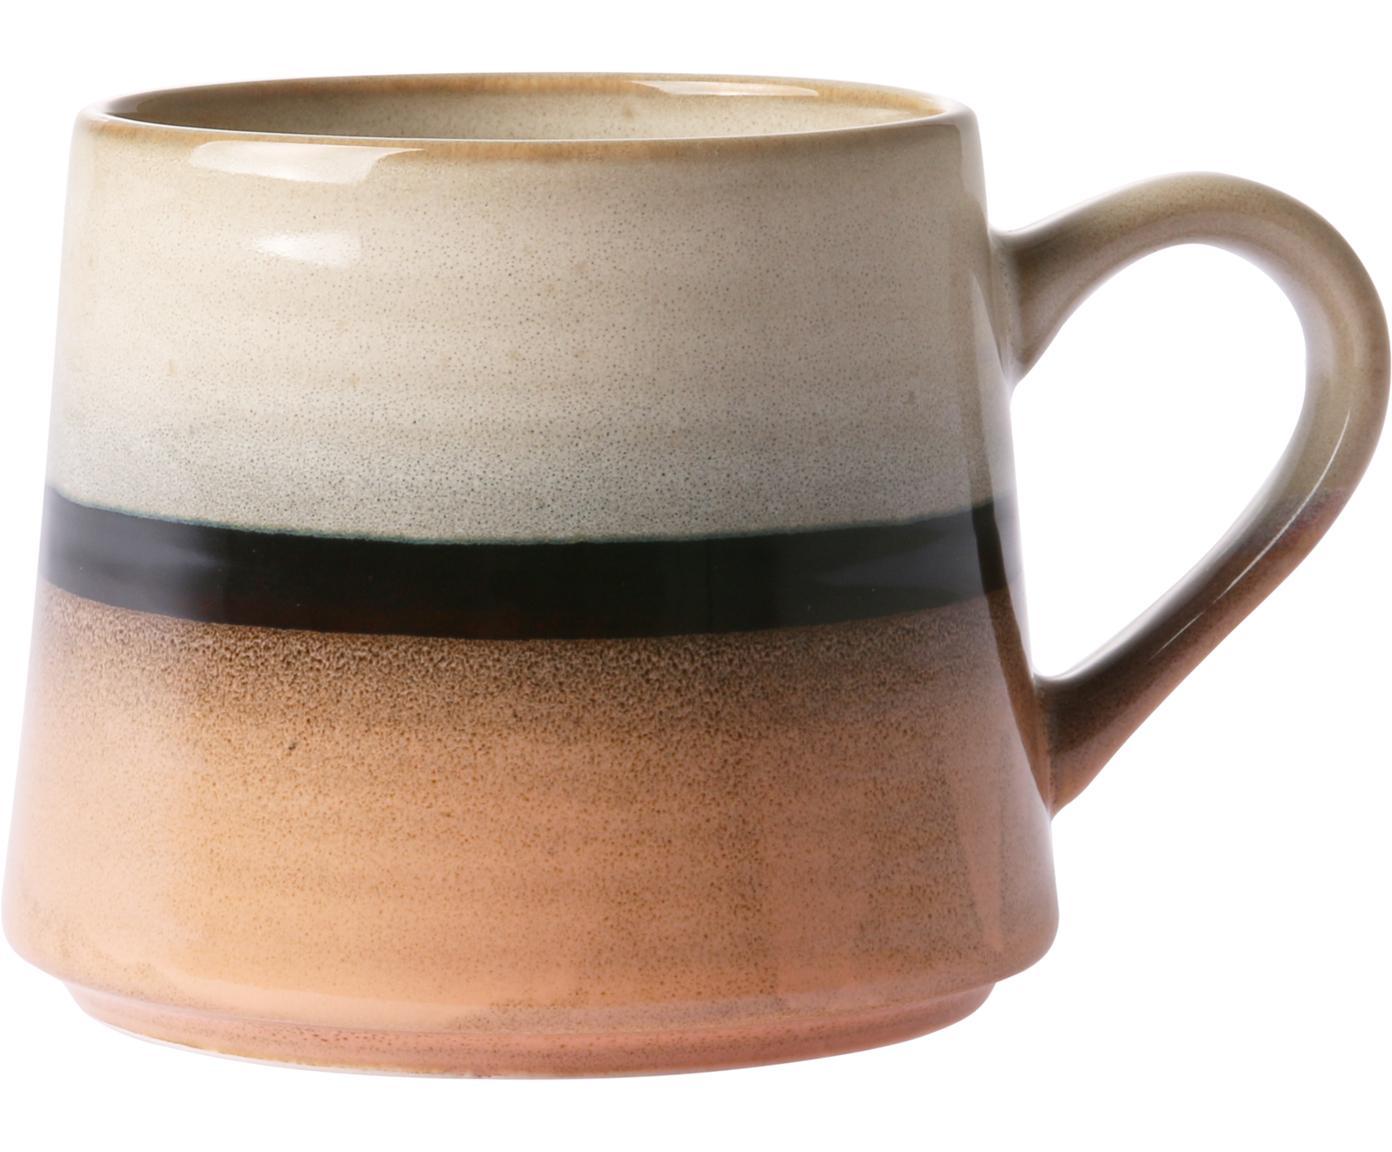 Handgemachte Teetasse 70's im Retro Style, Keramik, Pfirsichfarben, Grau, Schwarz, 11 x 9 cm